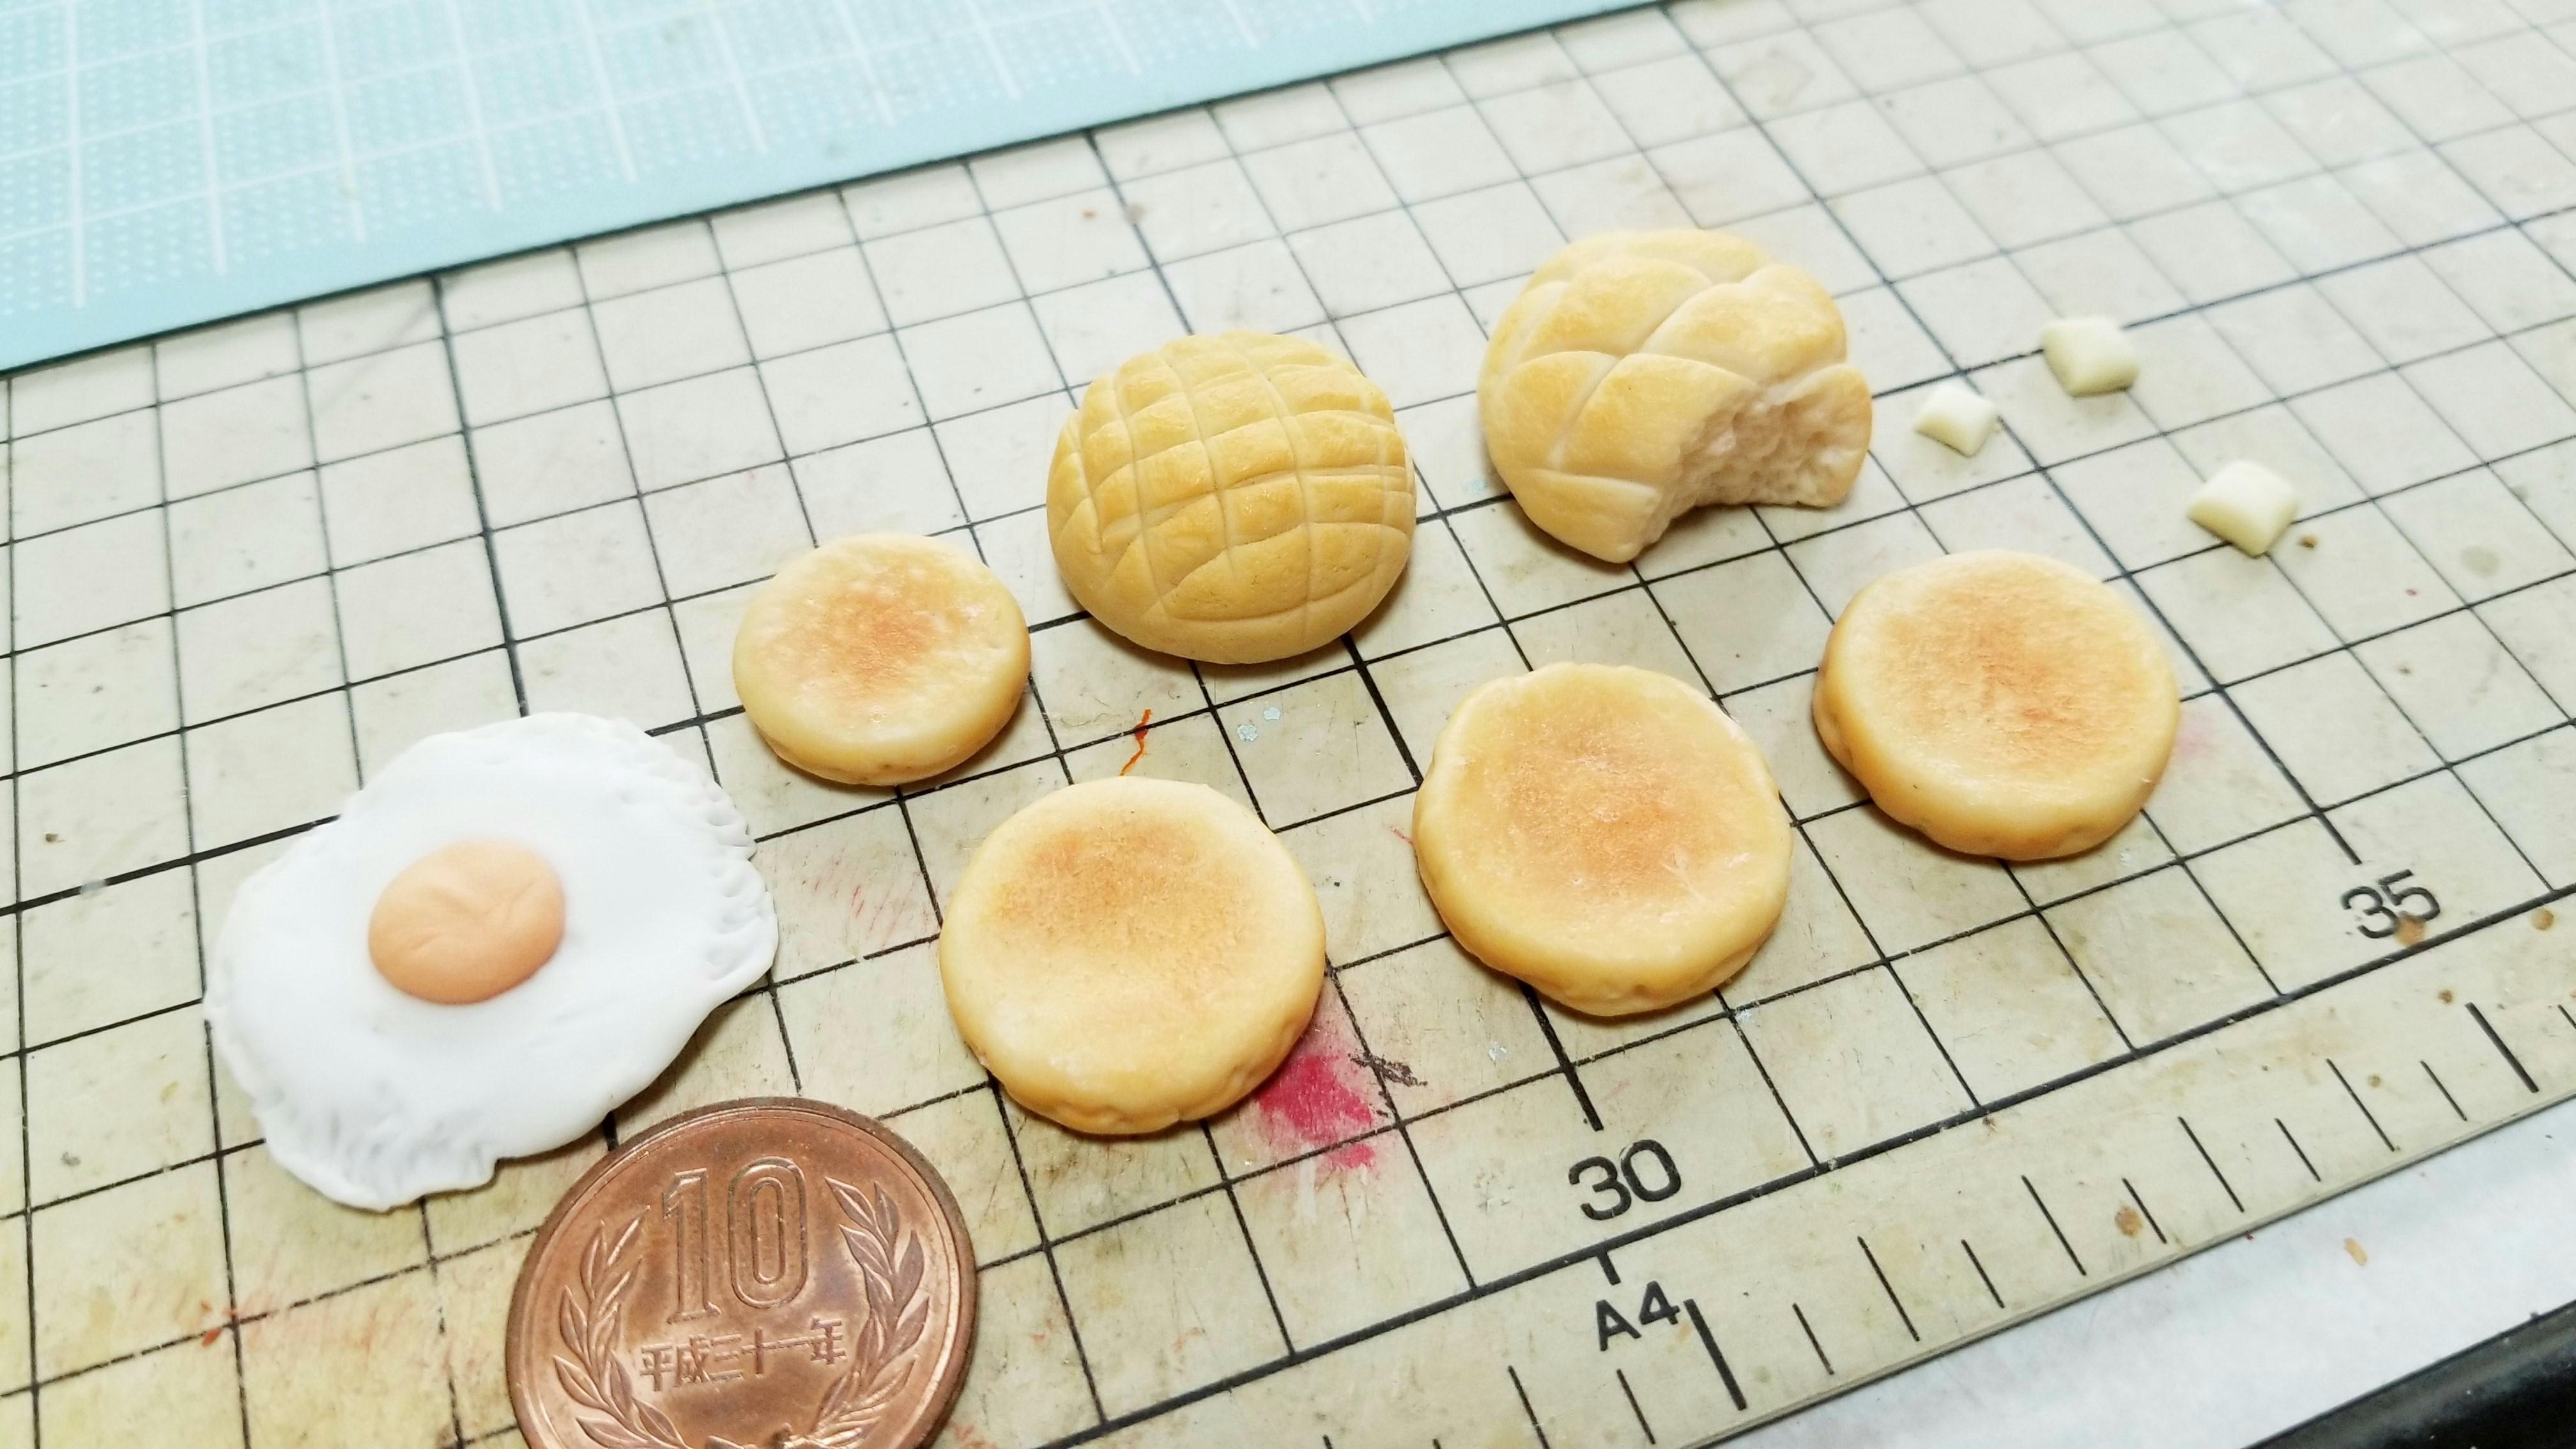 樹脂粘土でミニチュアフード作り初めて初心者がパンホットケーキ